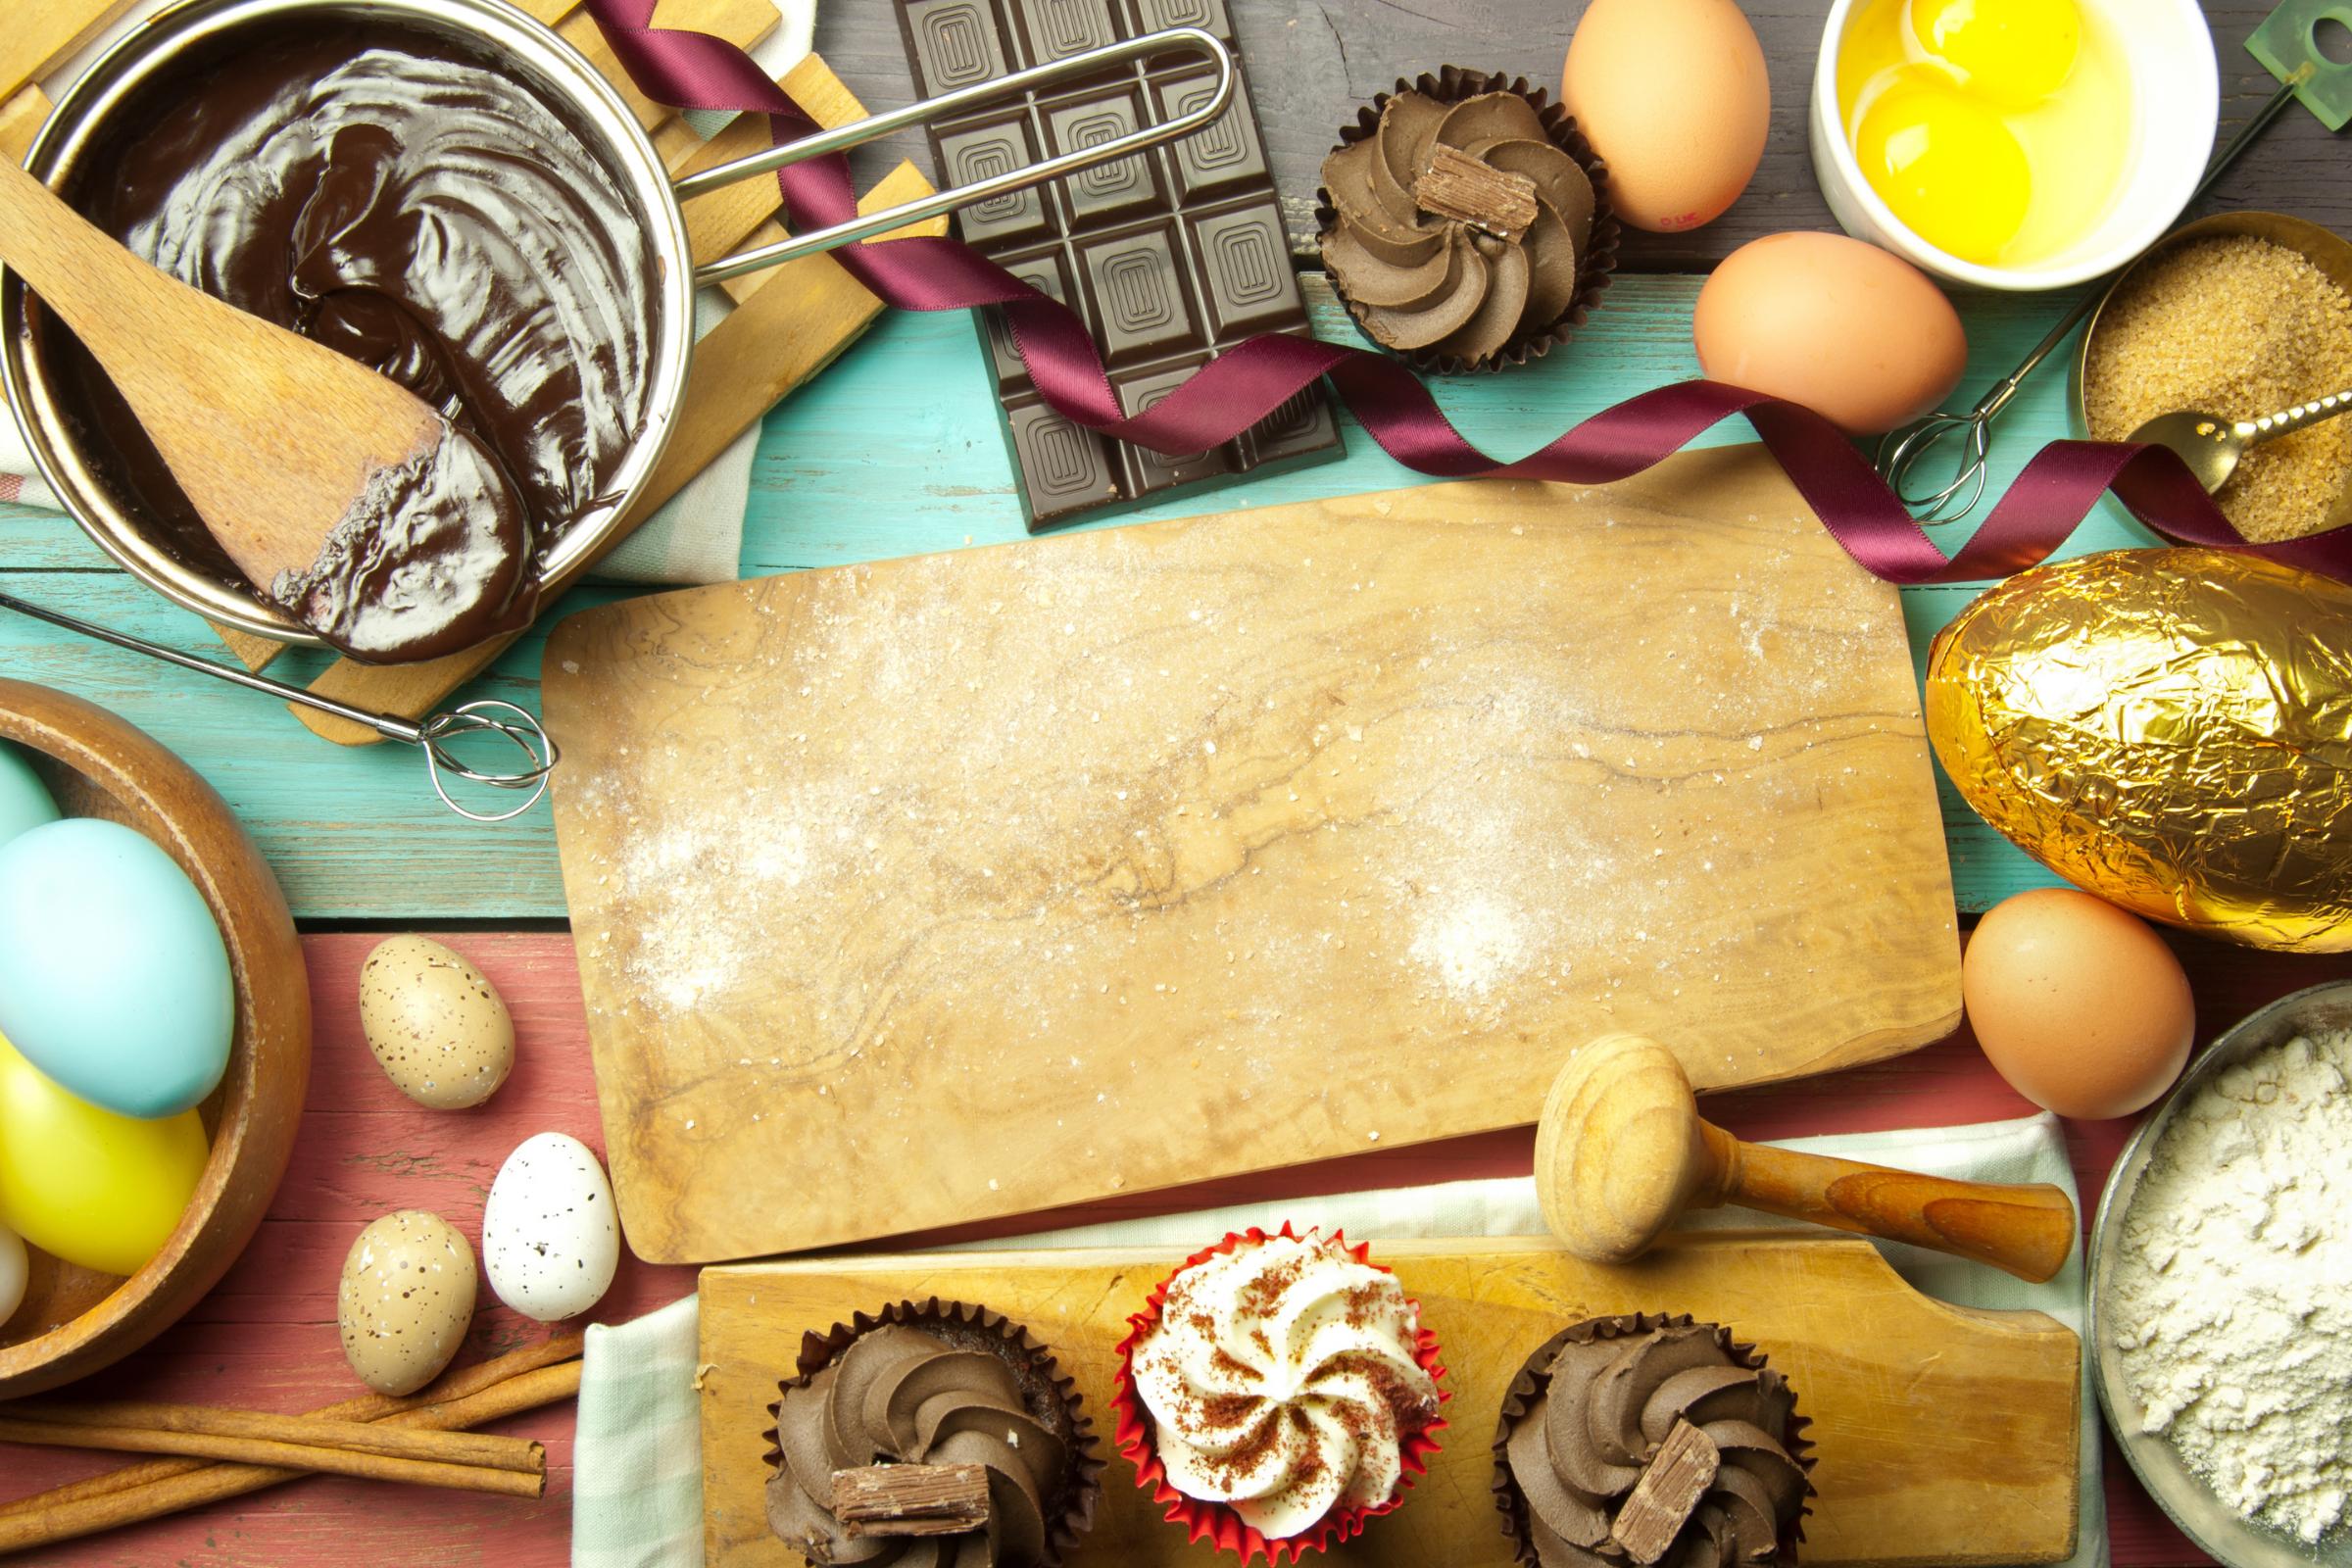 baking-a-cake